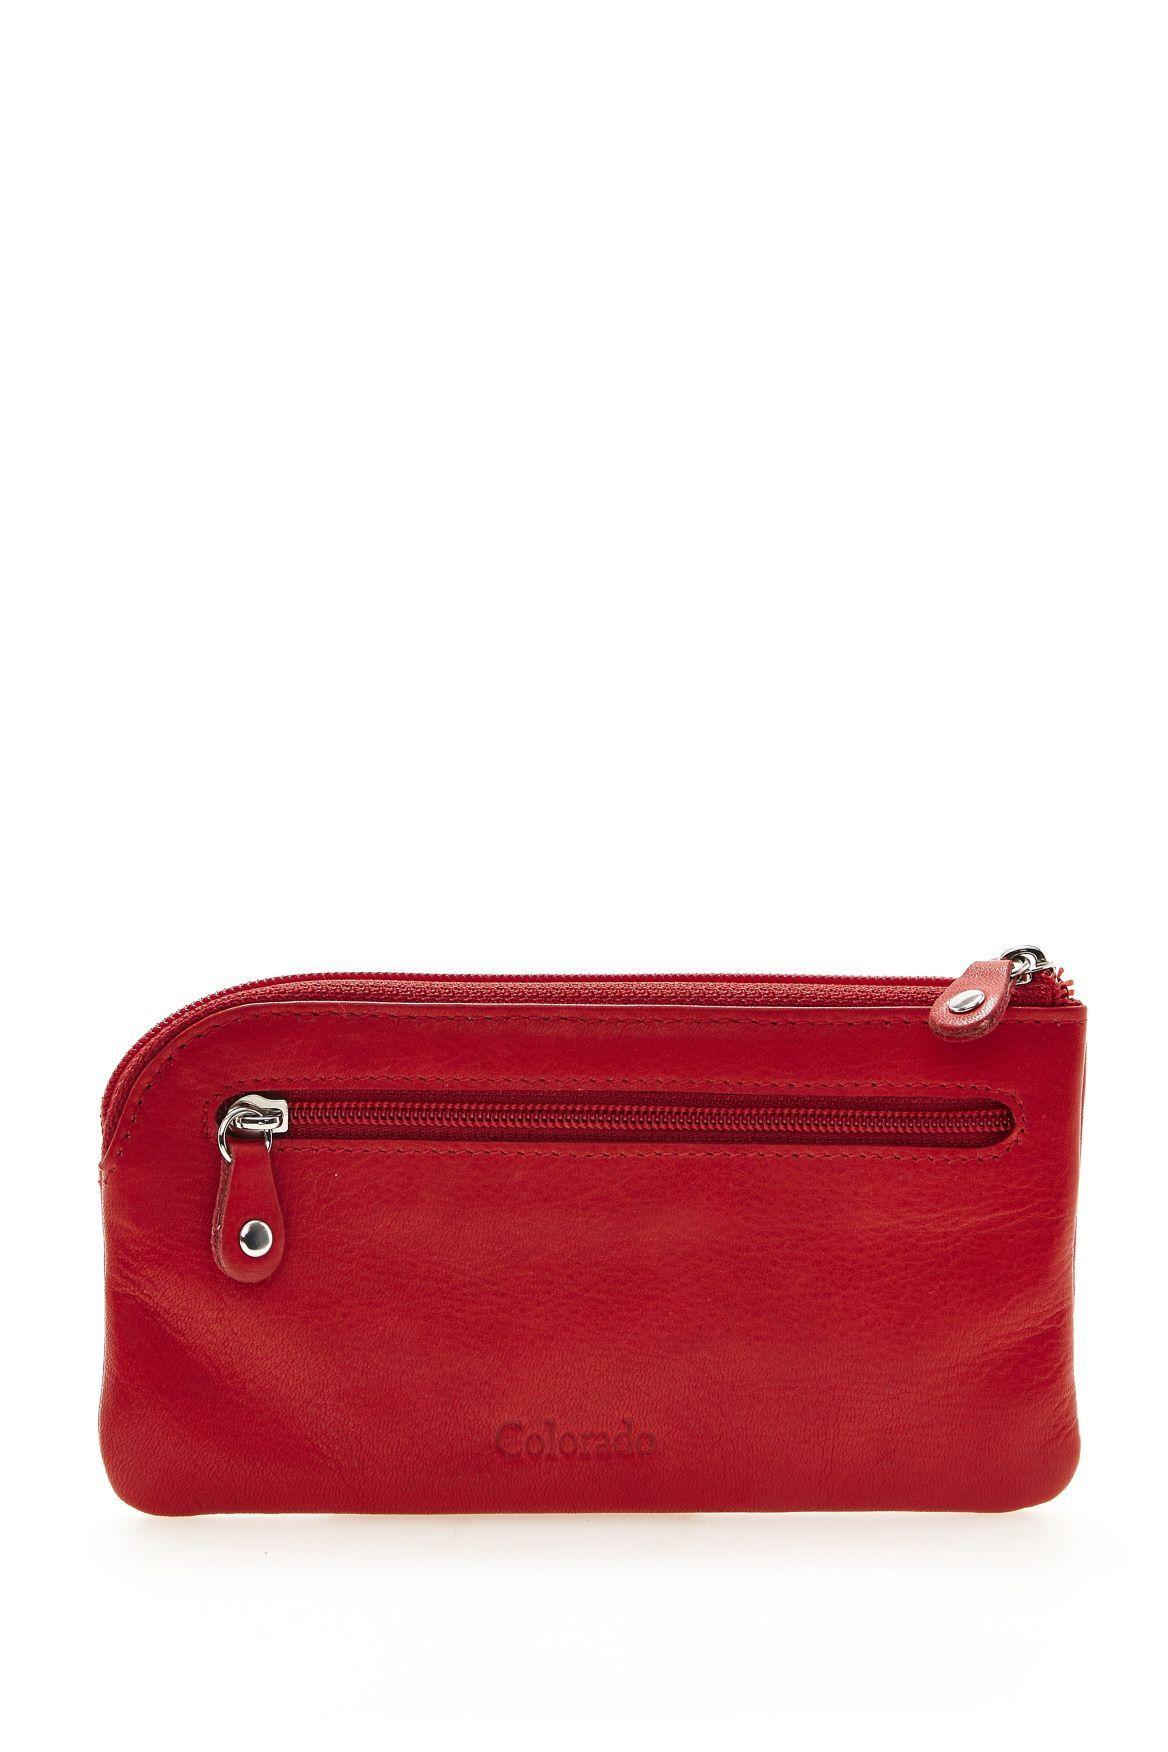 Colorado - red zip purse